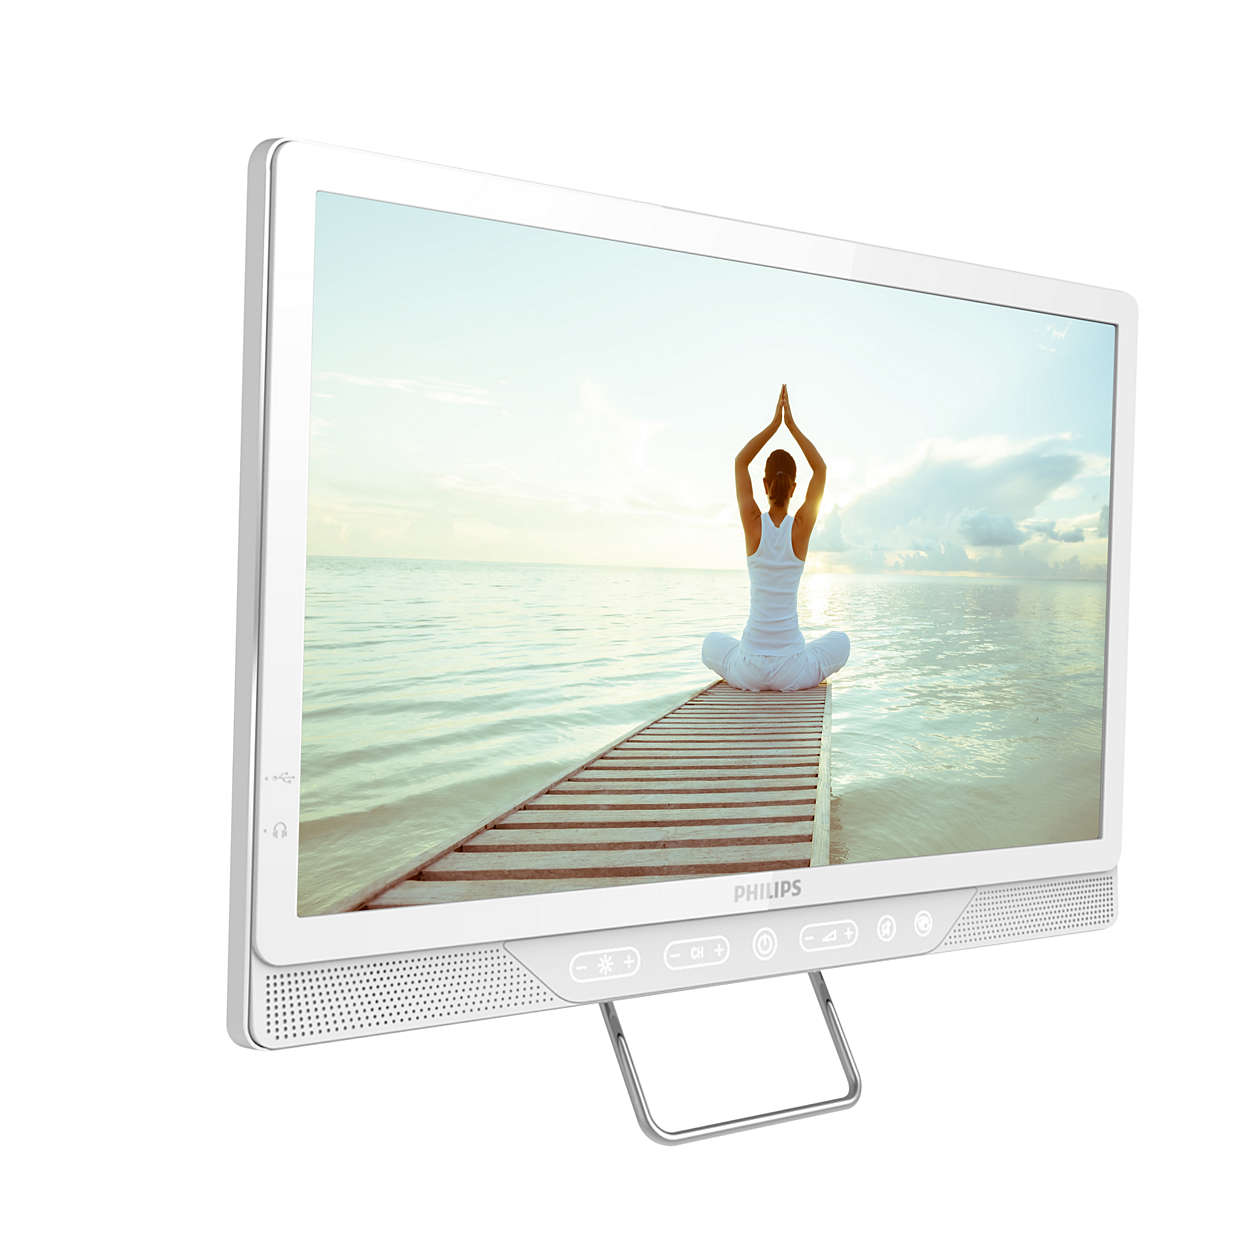 Jedinstveni televizor za bolničke sobe